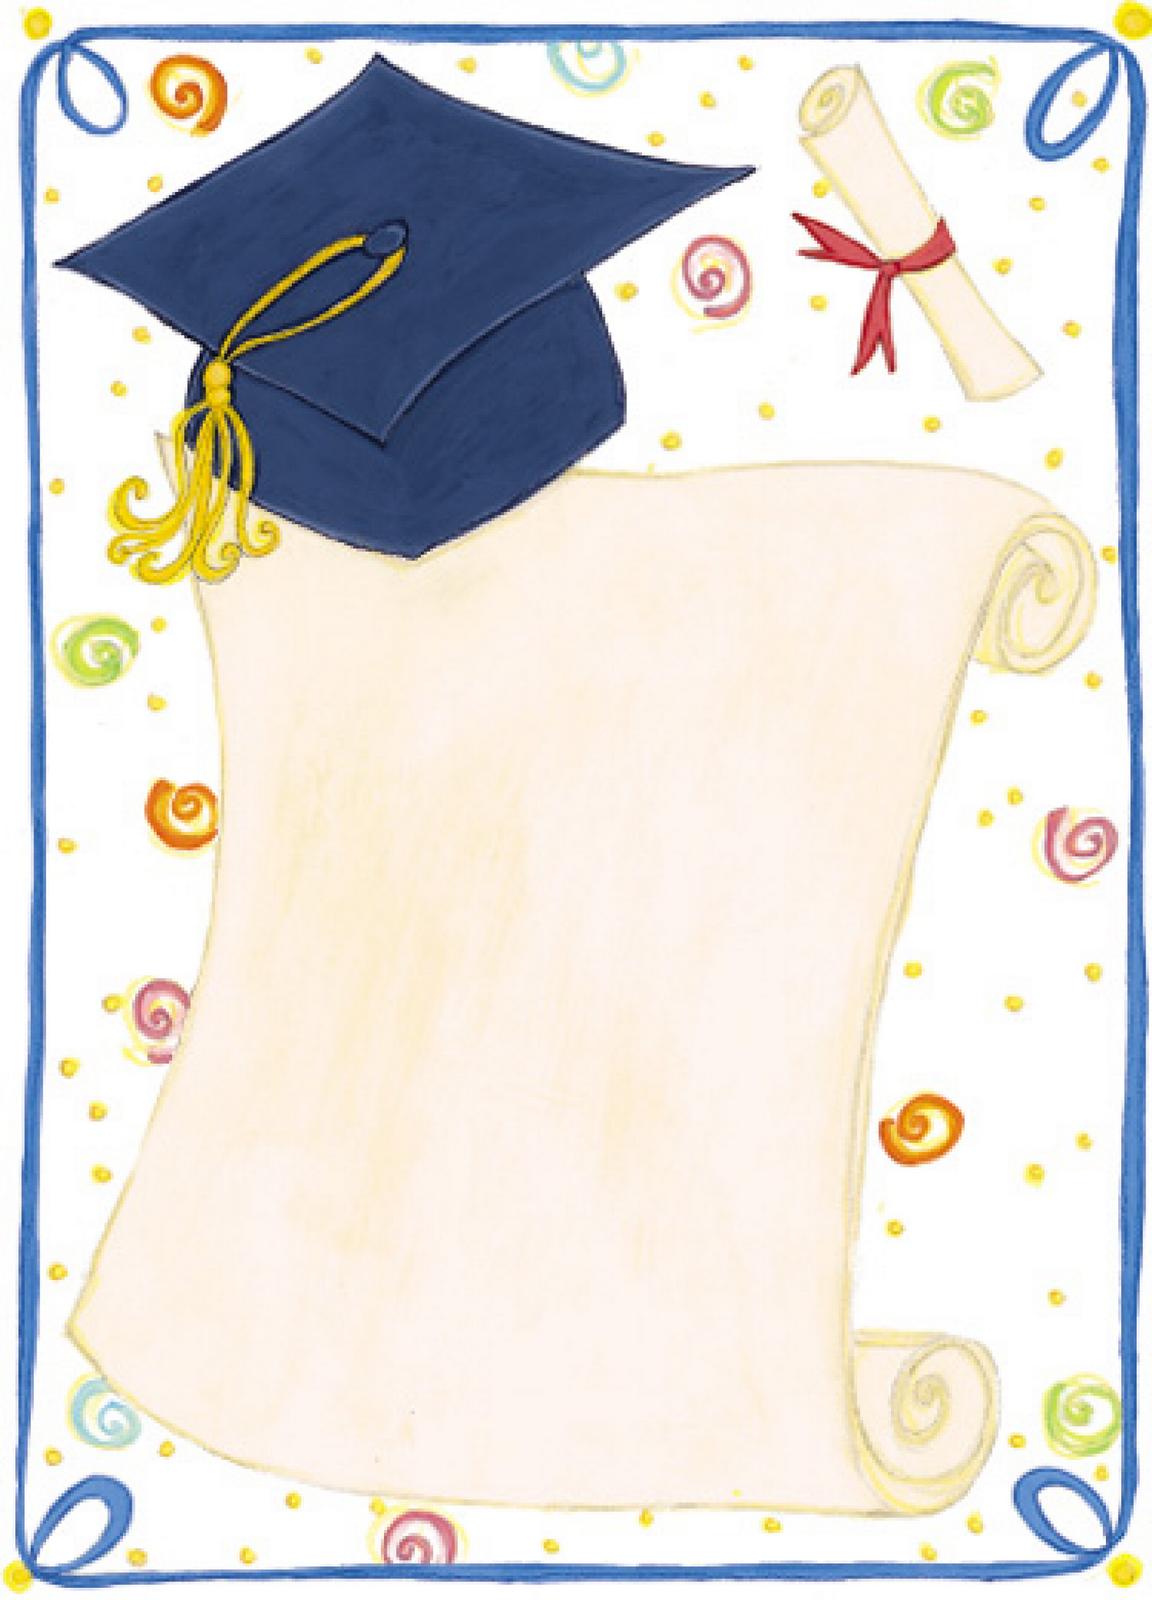 Marcos gratis para fotos graduacion png y renders pictures - Marcos de papel para fotos ...